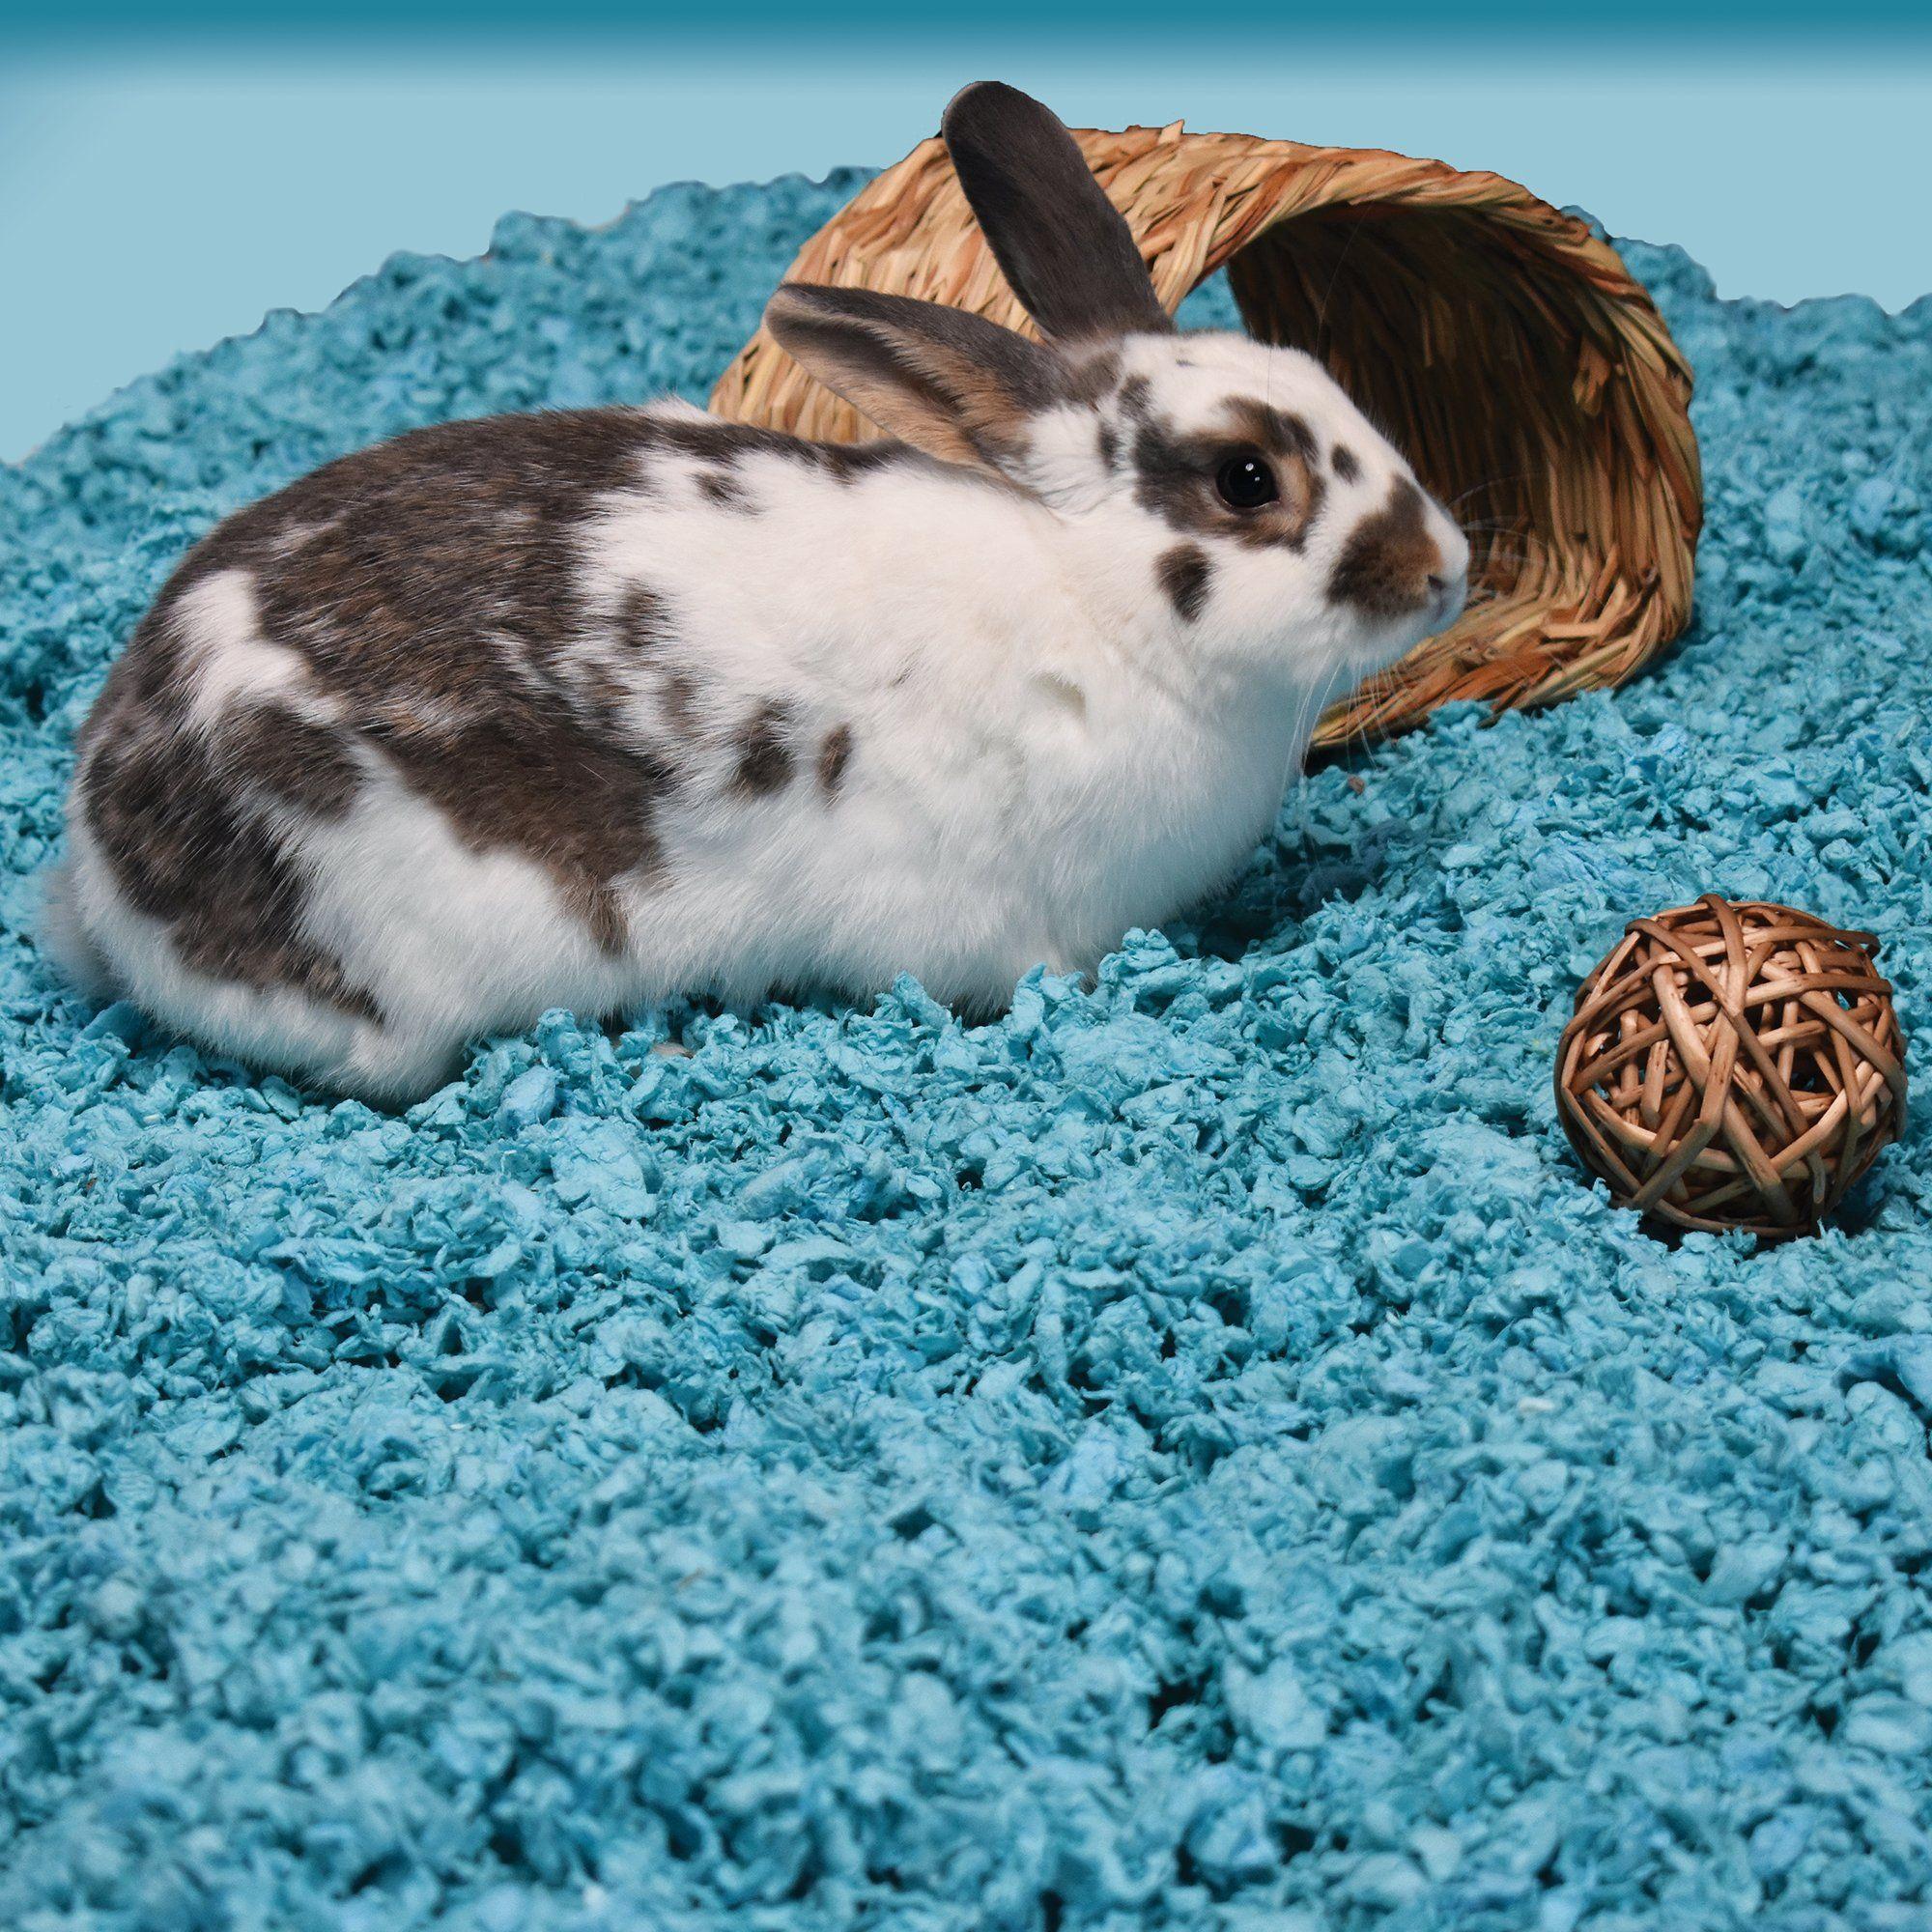 Carefresh Blue Small Pet Bedding, 50 Liter Pet beds